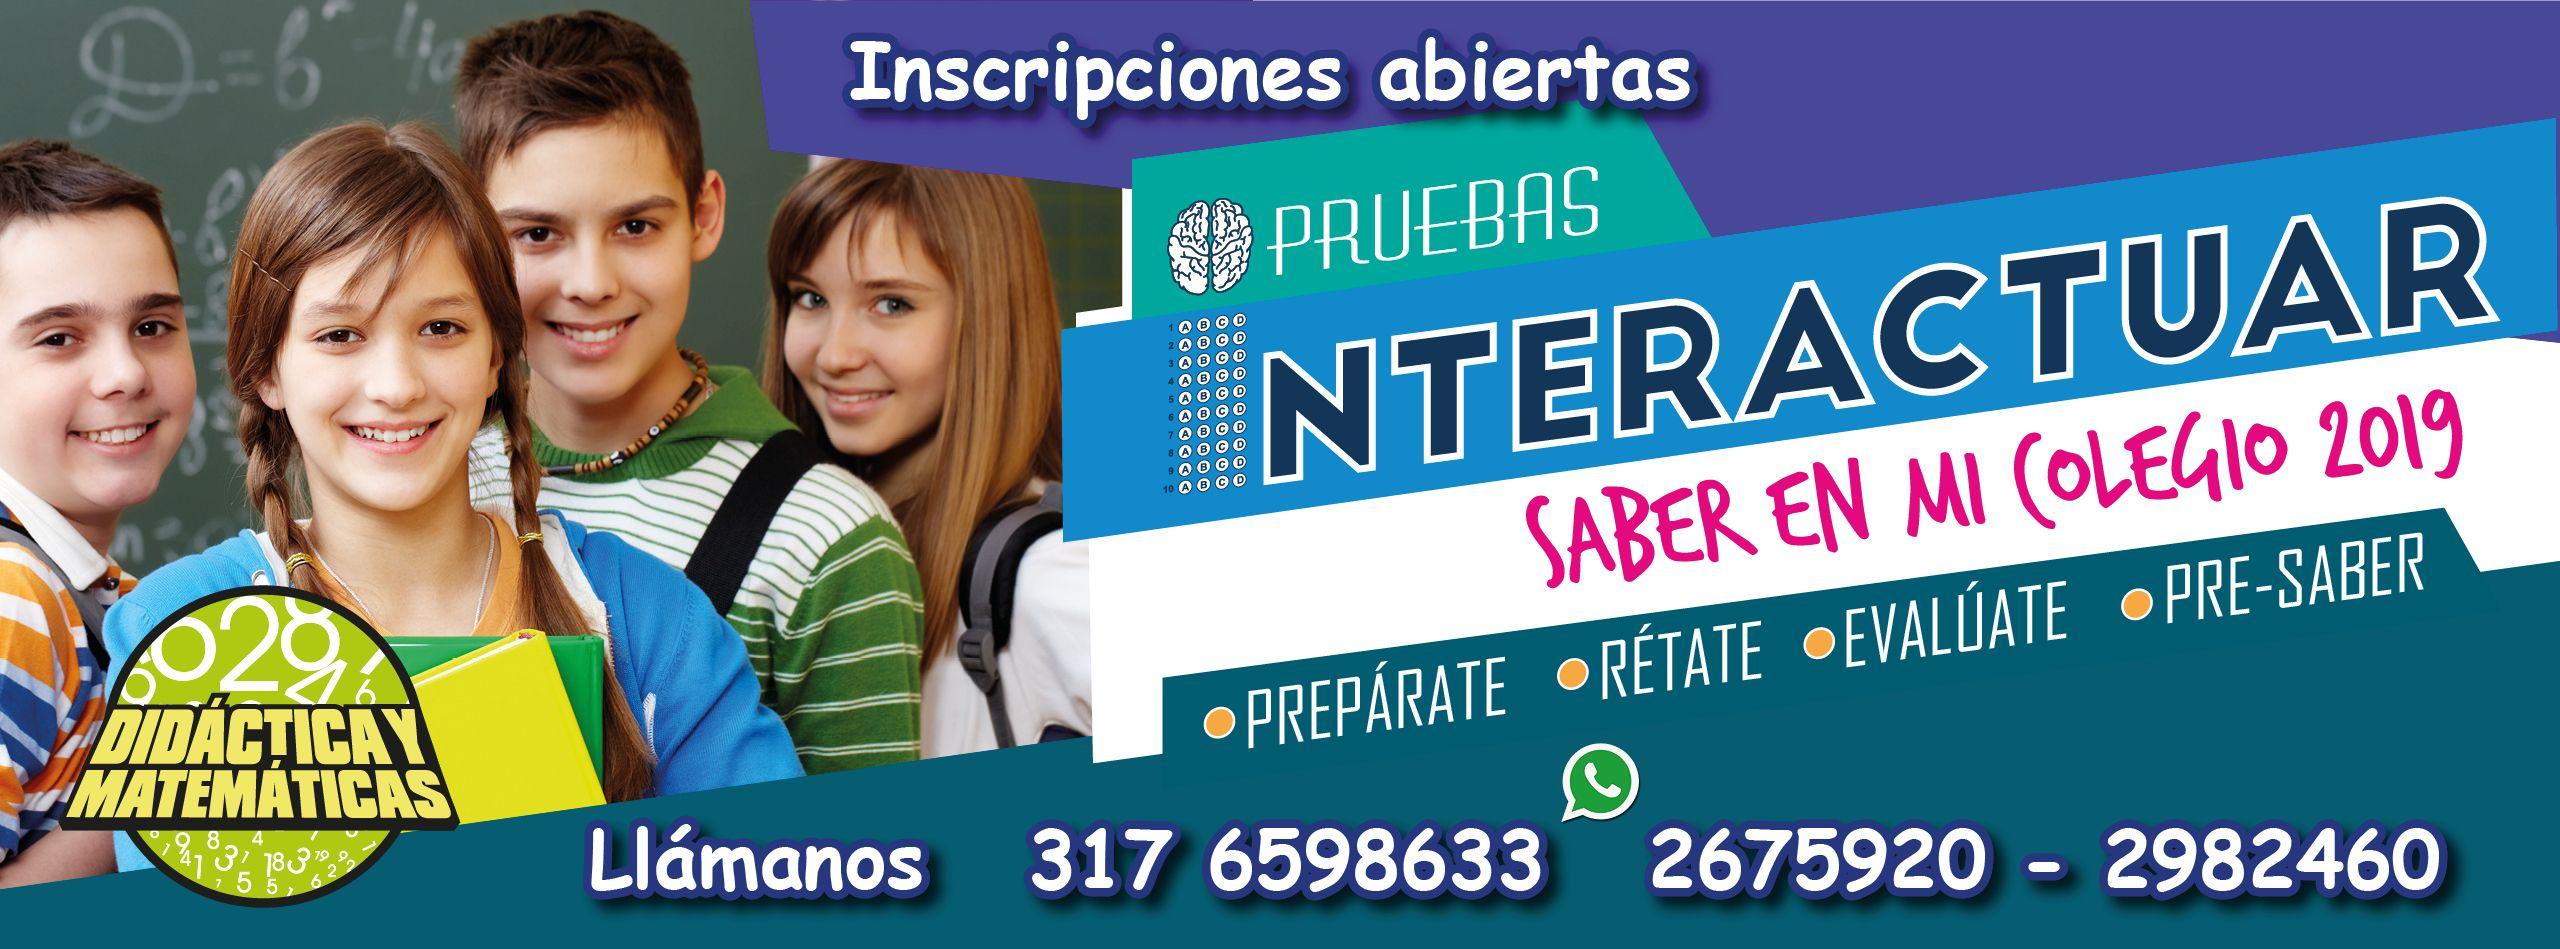 banner-1-interactuar19-c